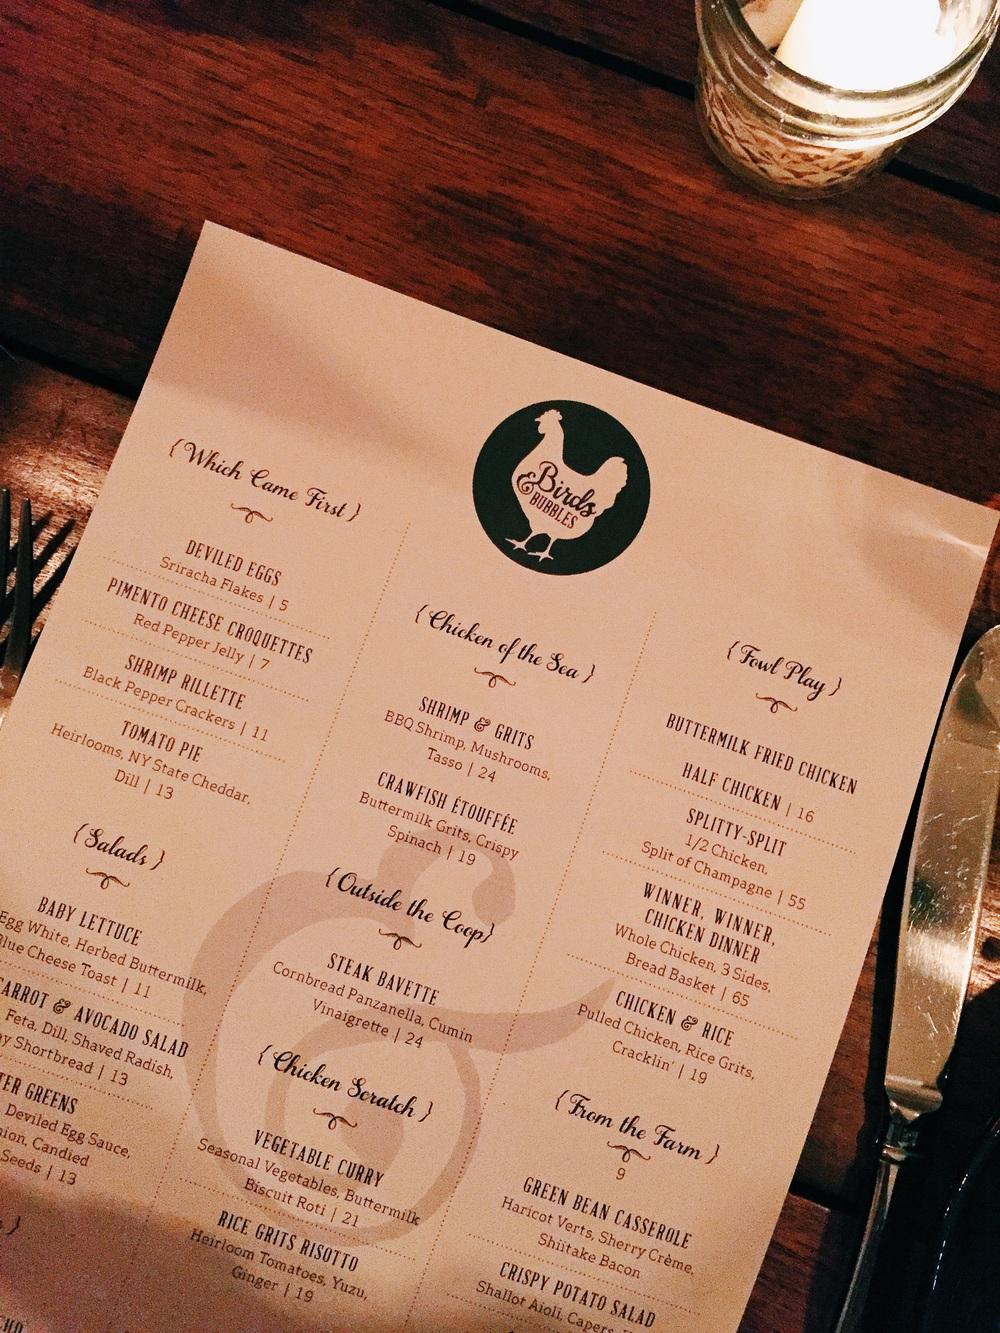 A peek at the food menu